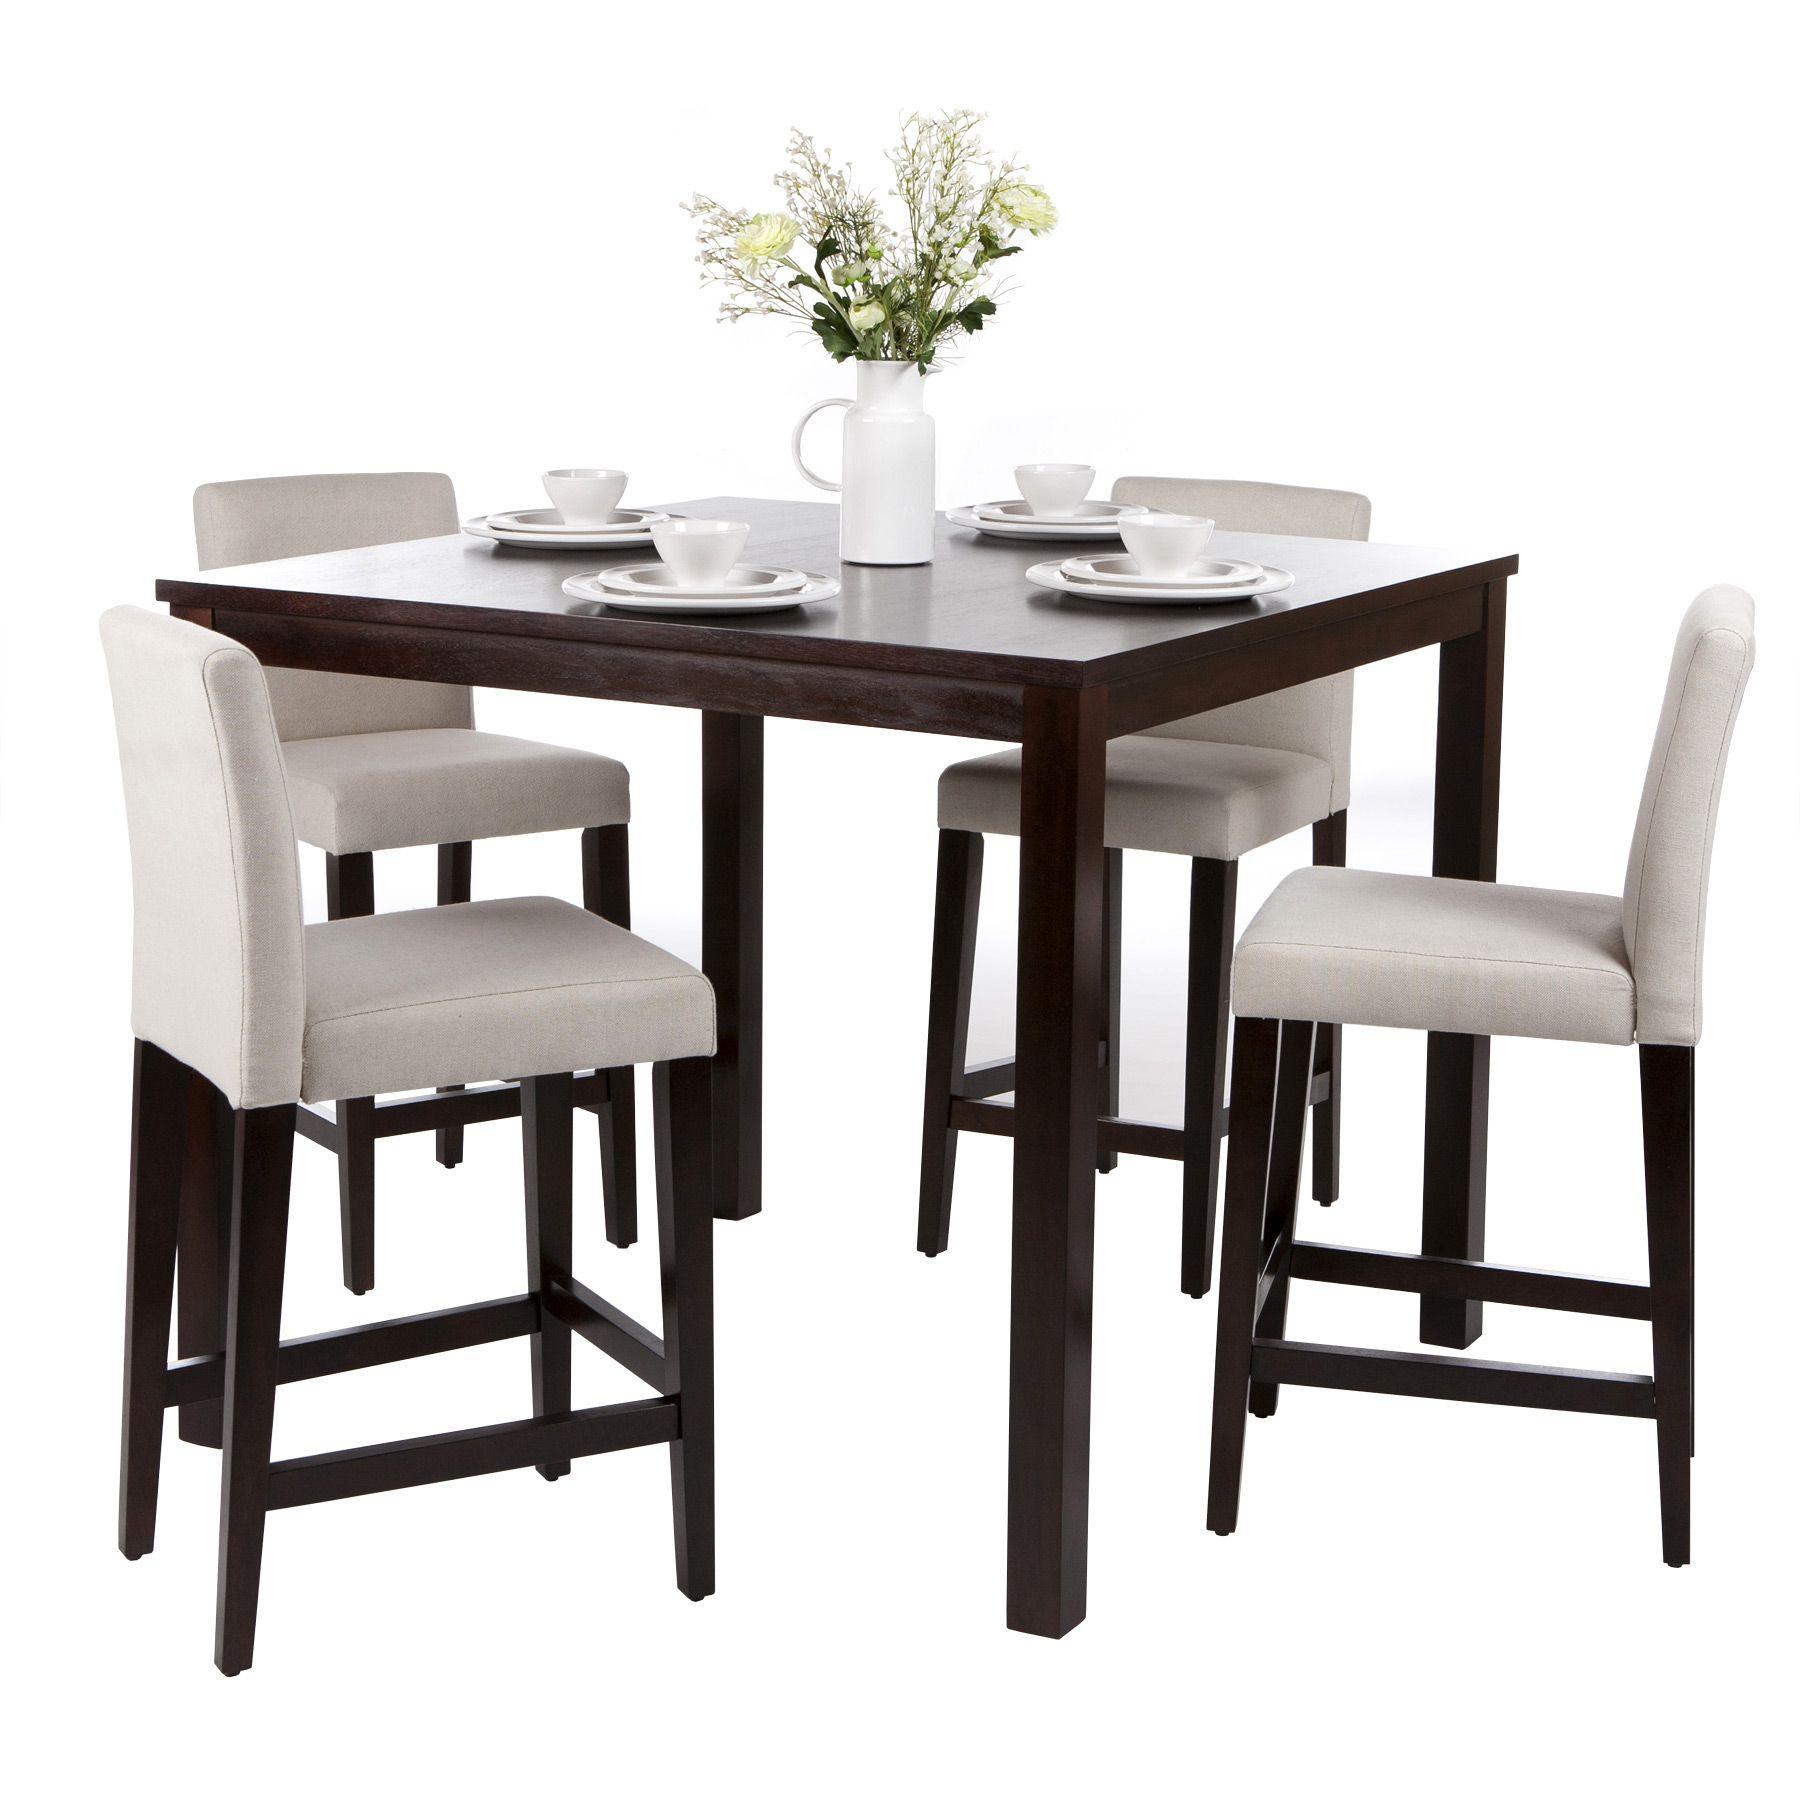 Beau Table Et Chaise De Cuisine But Avec Ensemble Table De ... encequiconcerne Ensemble Table Et Chaise De Jardin Pas Cher